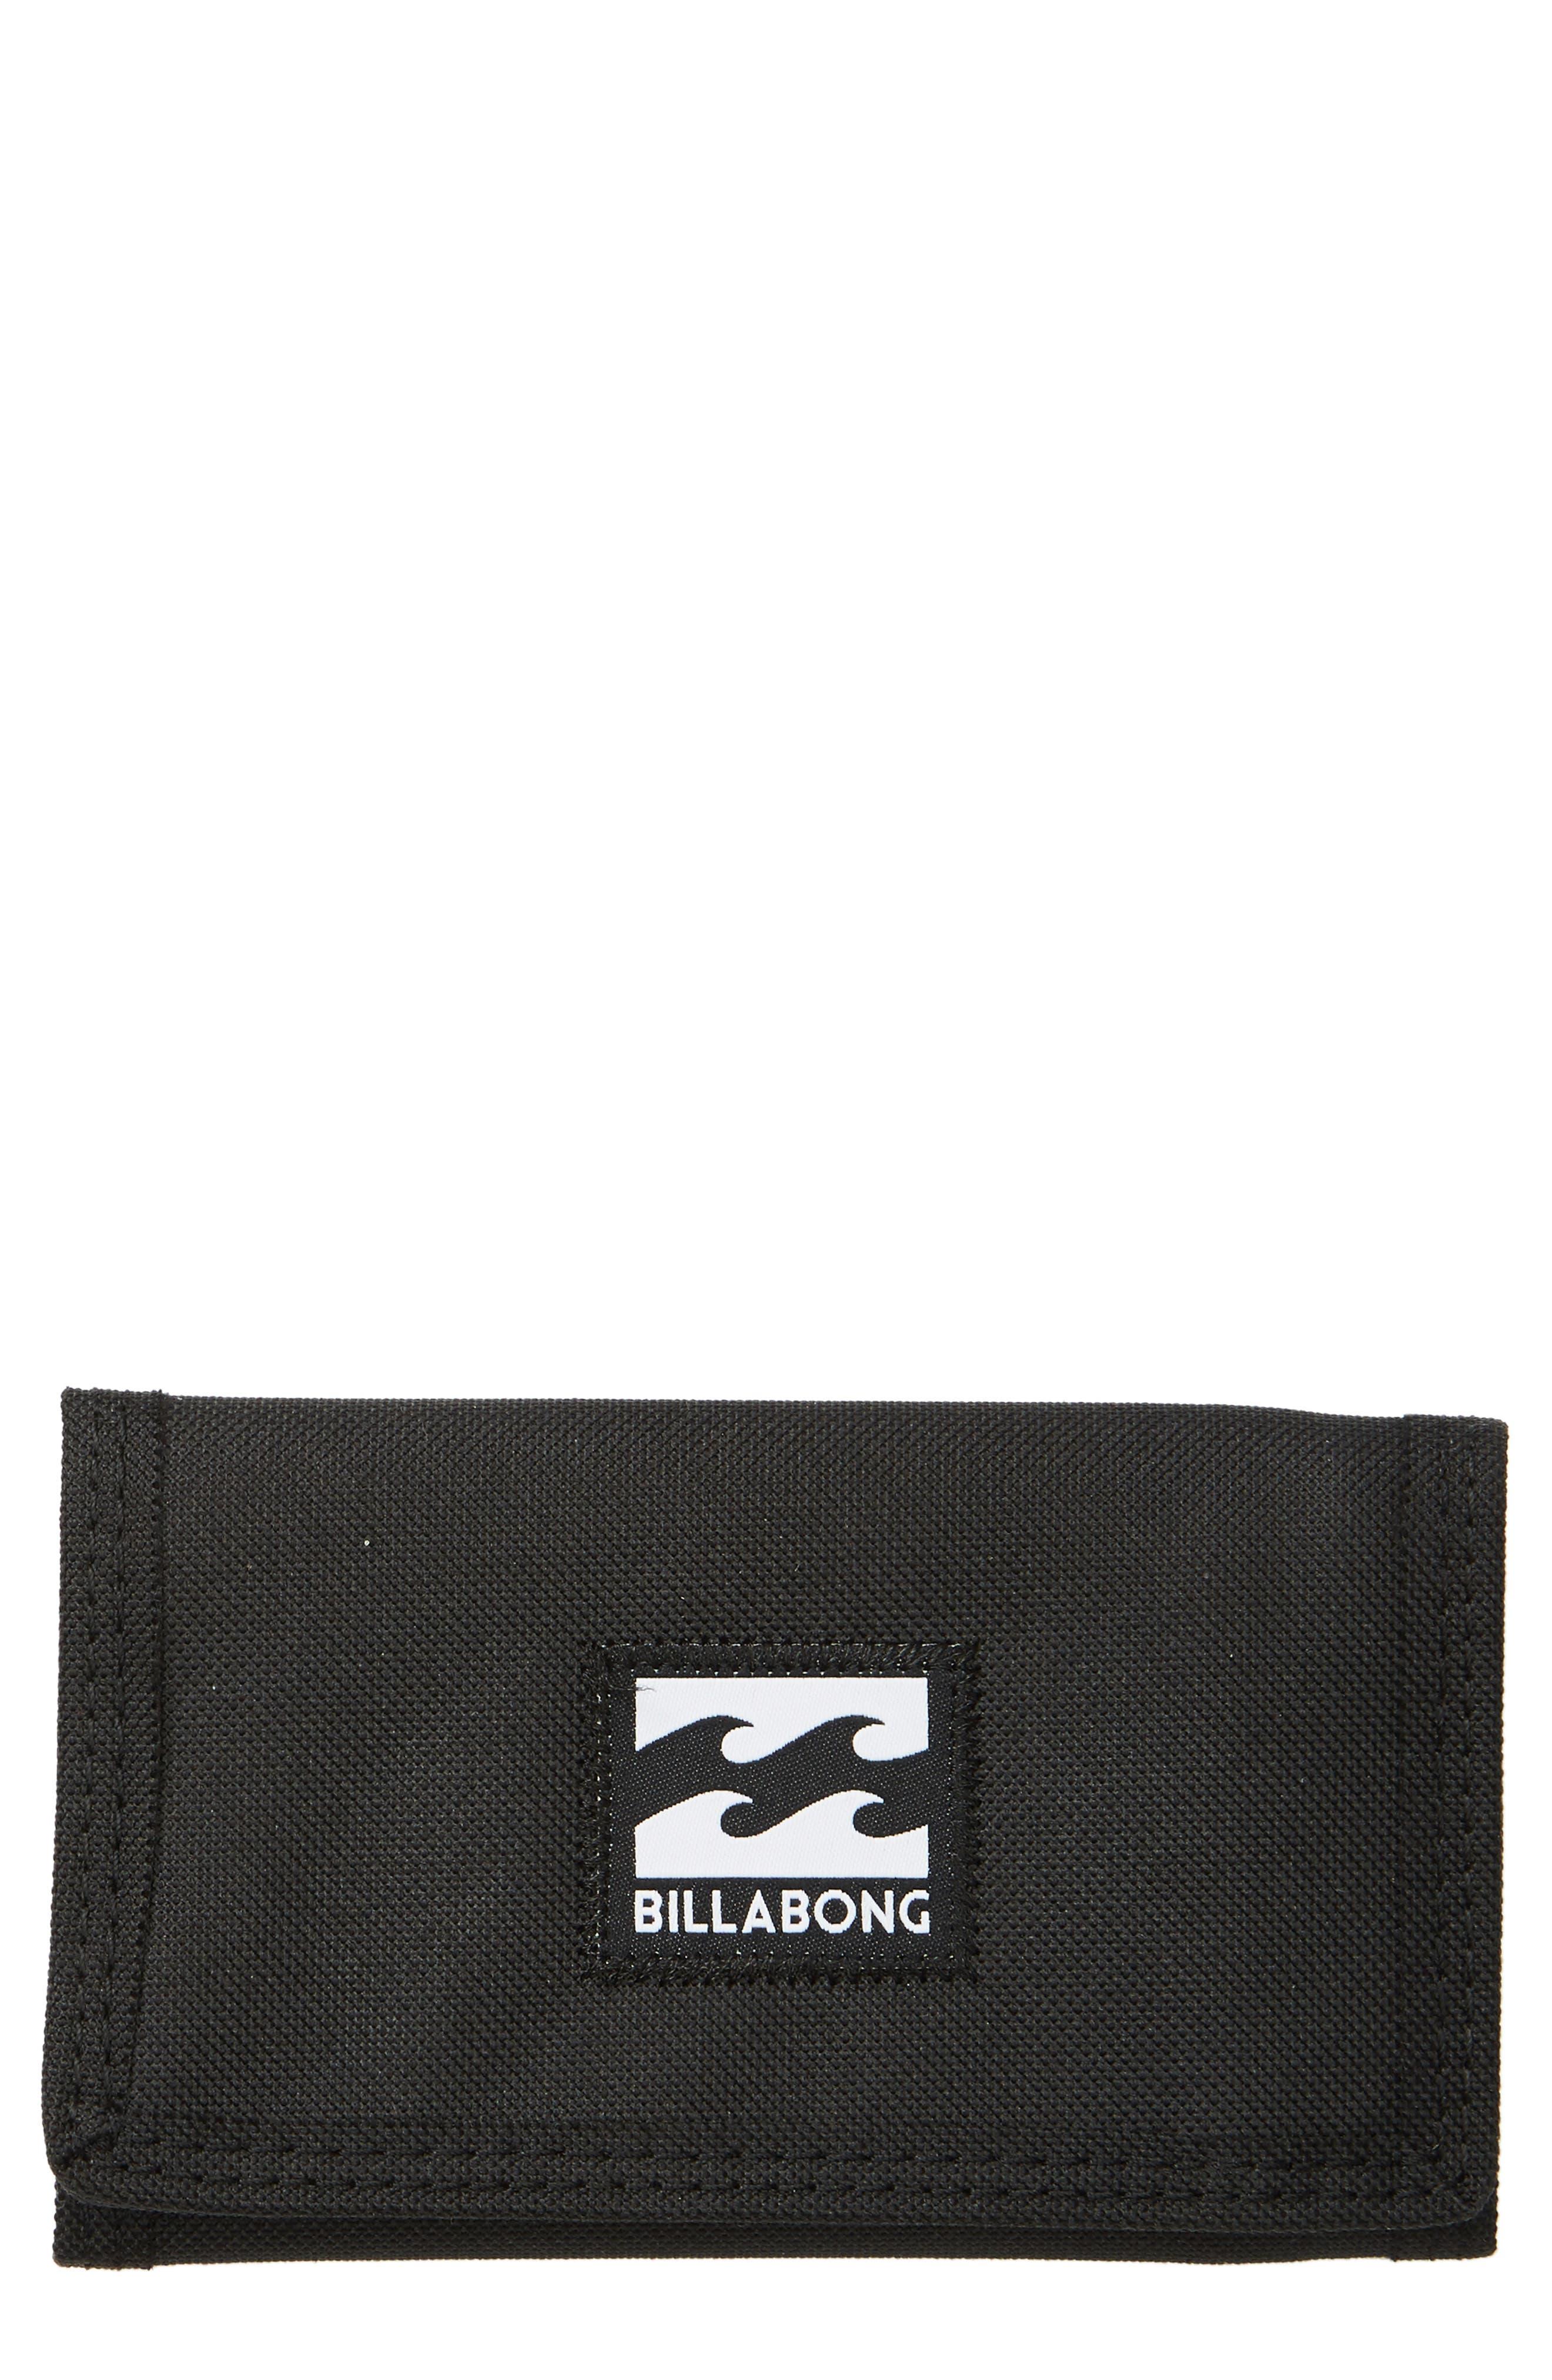 Atom Wallet,                         Main,                         color, 017